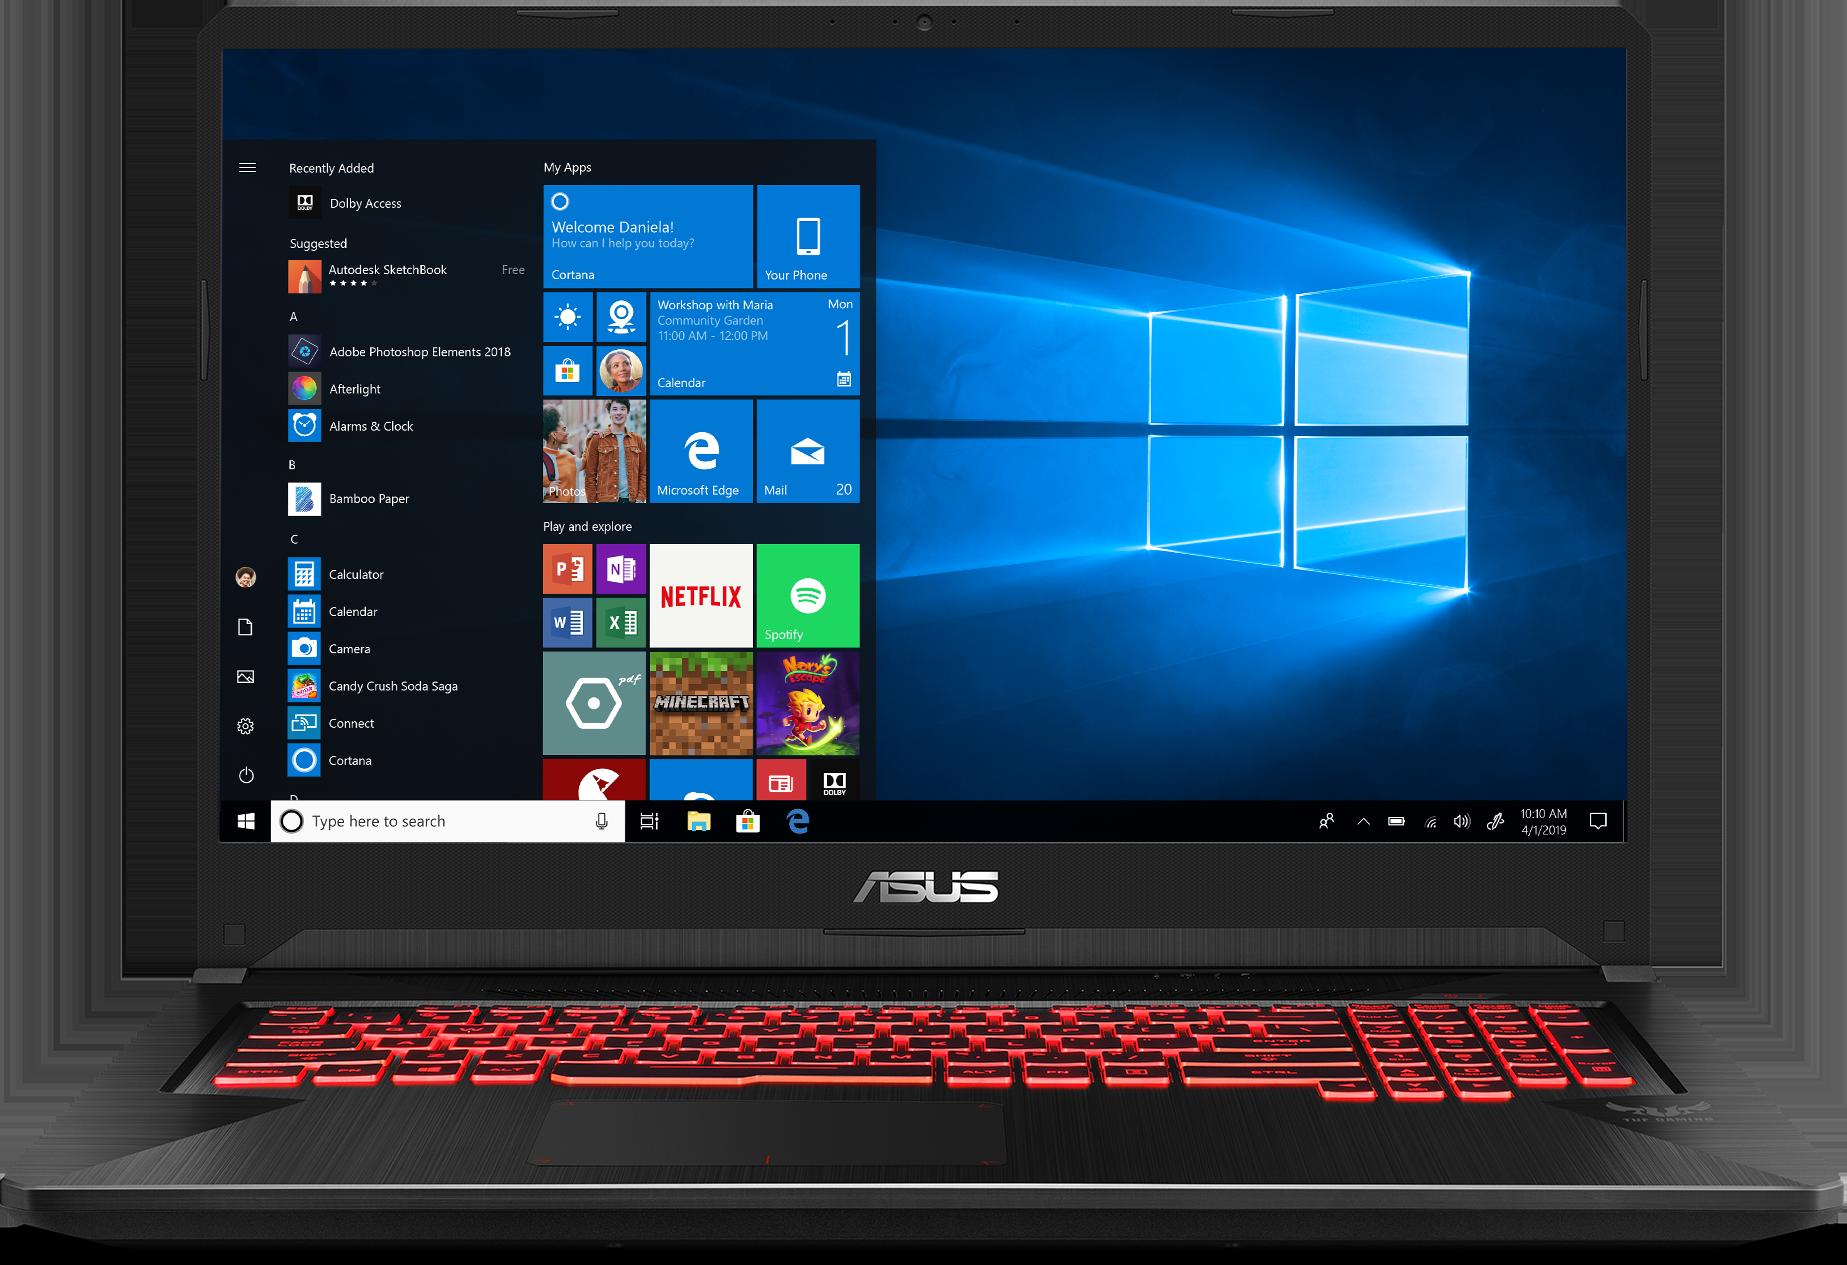 Asus TUF FX705DY-EH53 Gaming Laptop